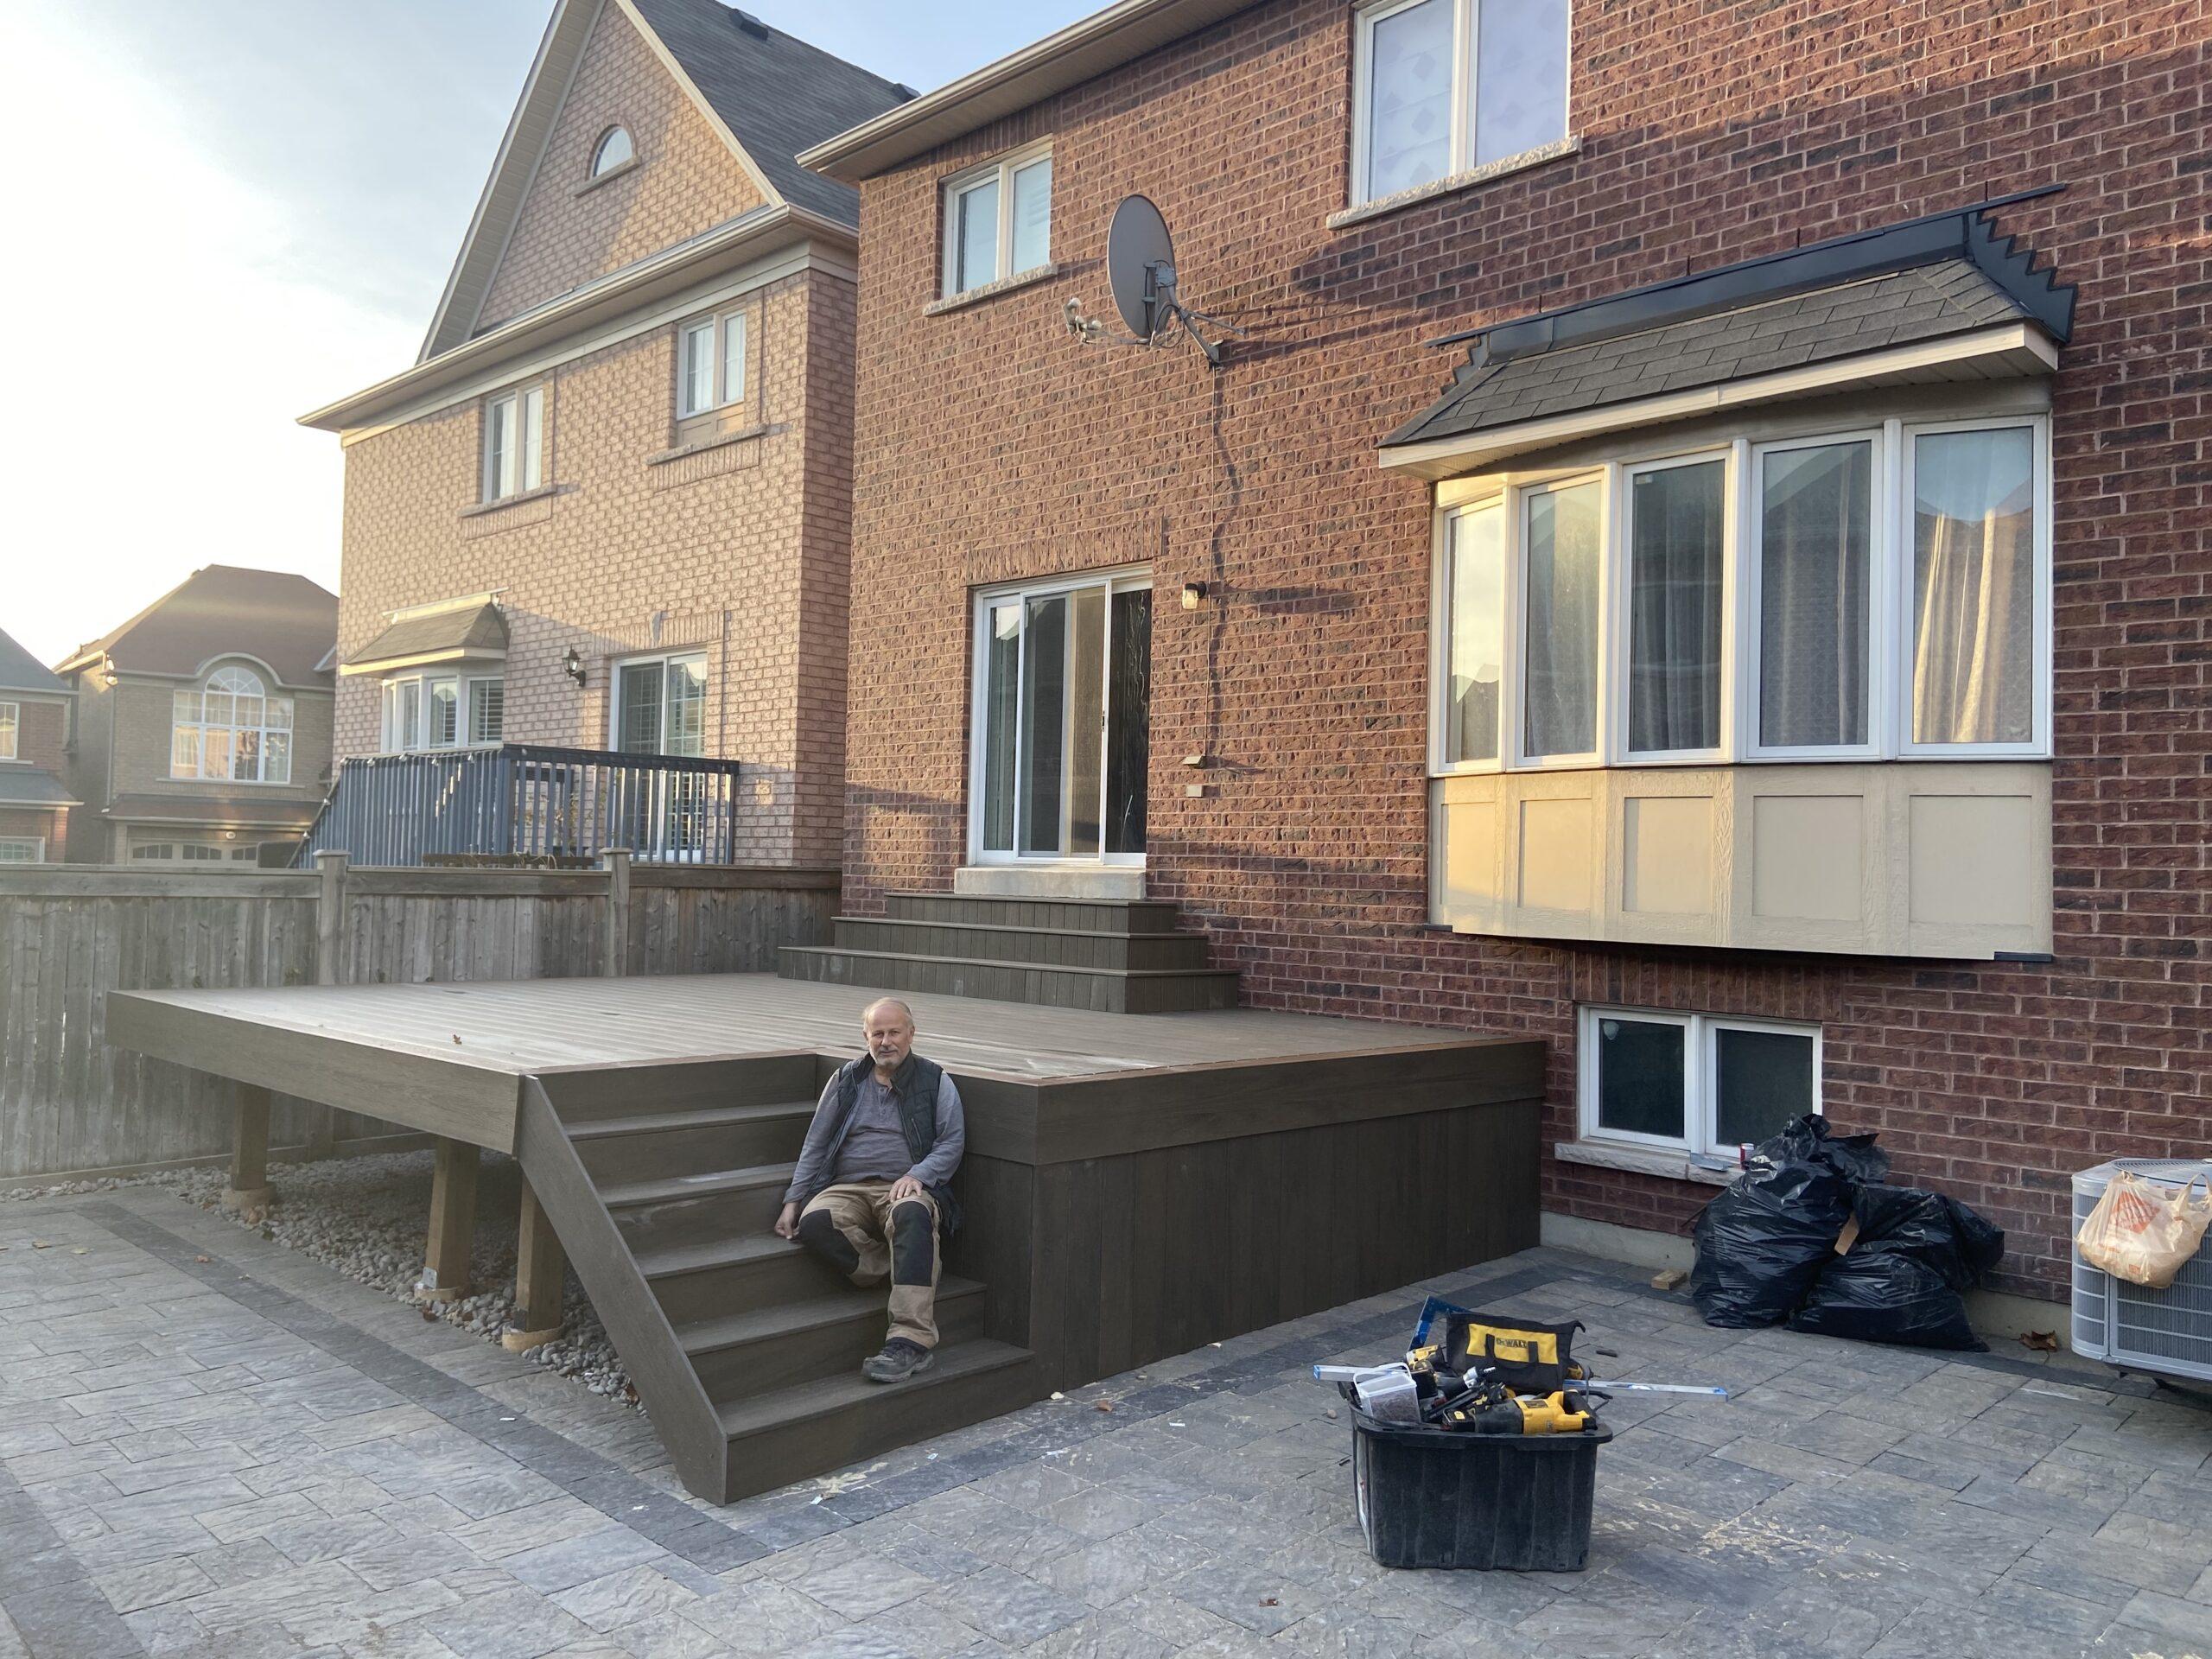 richmond hill deck builder with worker